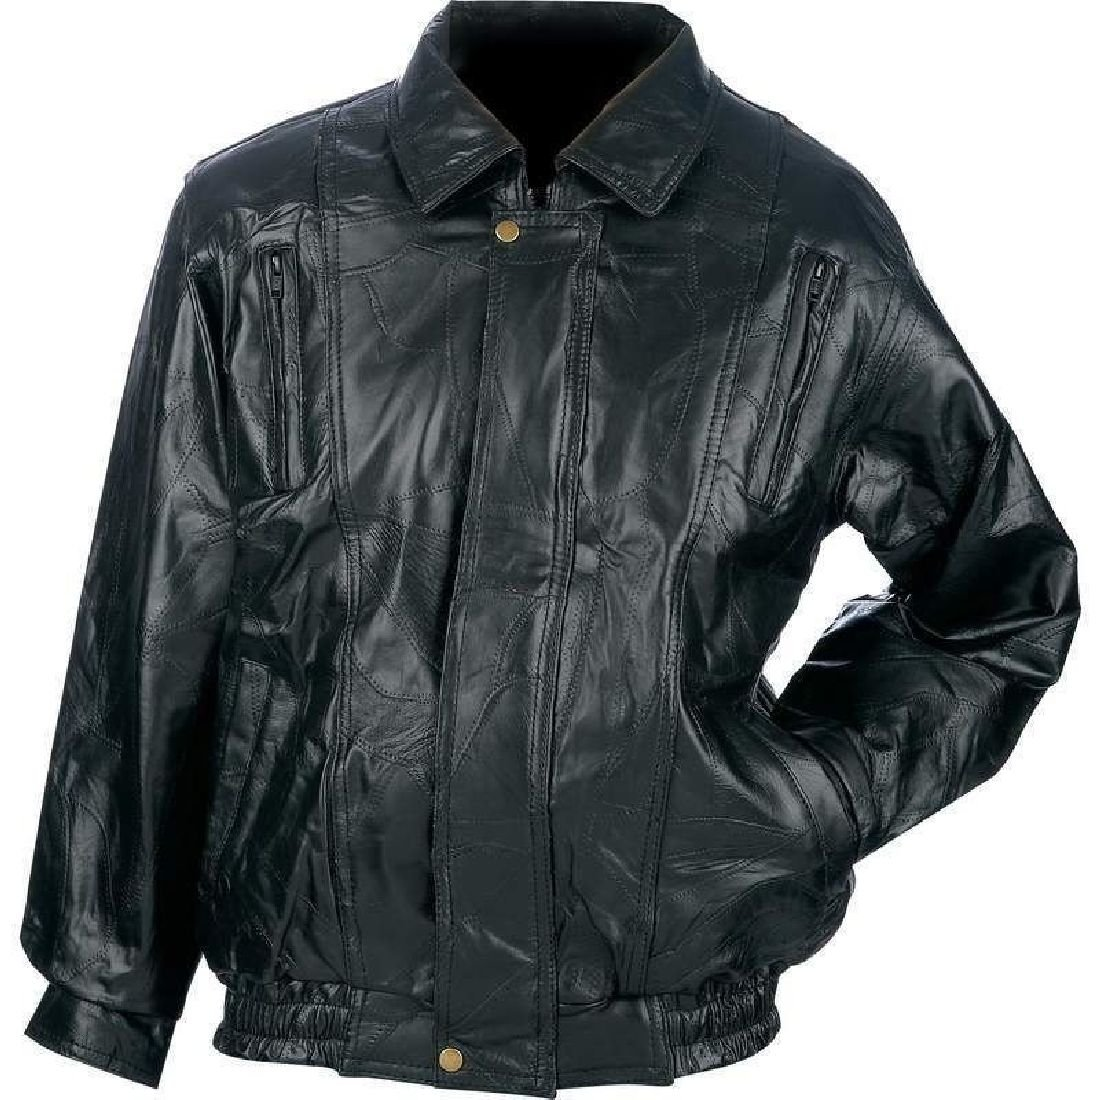 【人気沸騰】 メンズブラック本革レザーボンバージャケットフライトコートバイクバイカーRiding M Size (Men's) (Men's) M Size B0753FG8SC, イージャパンアンドカンパニーズ:299d3bf8 --- a0267596.xsph.ru